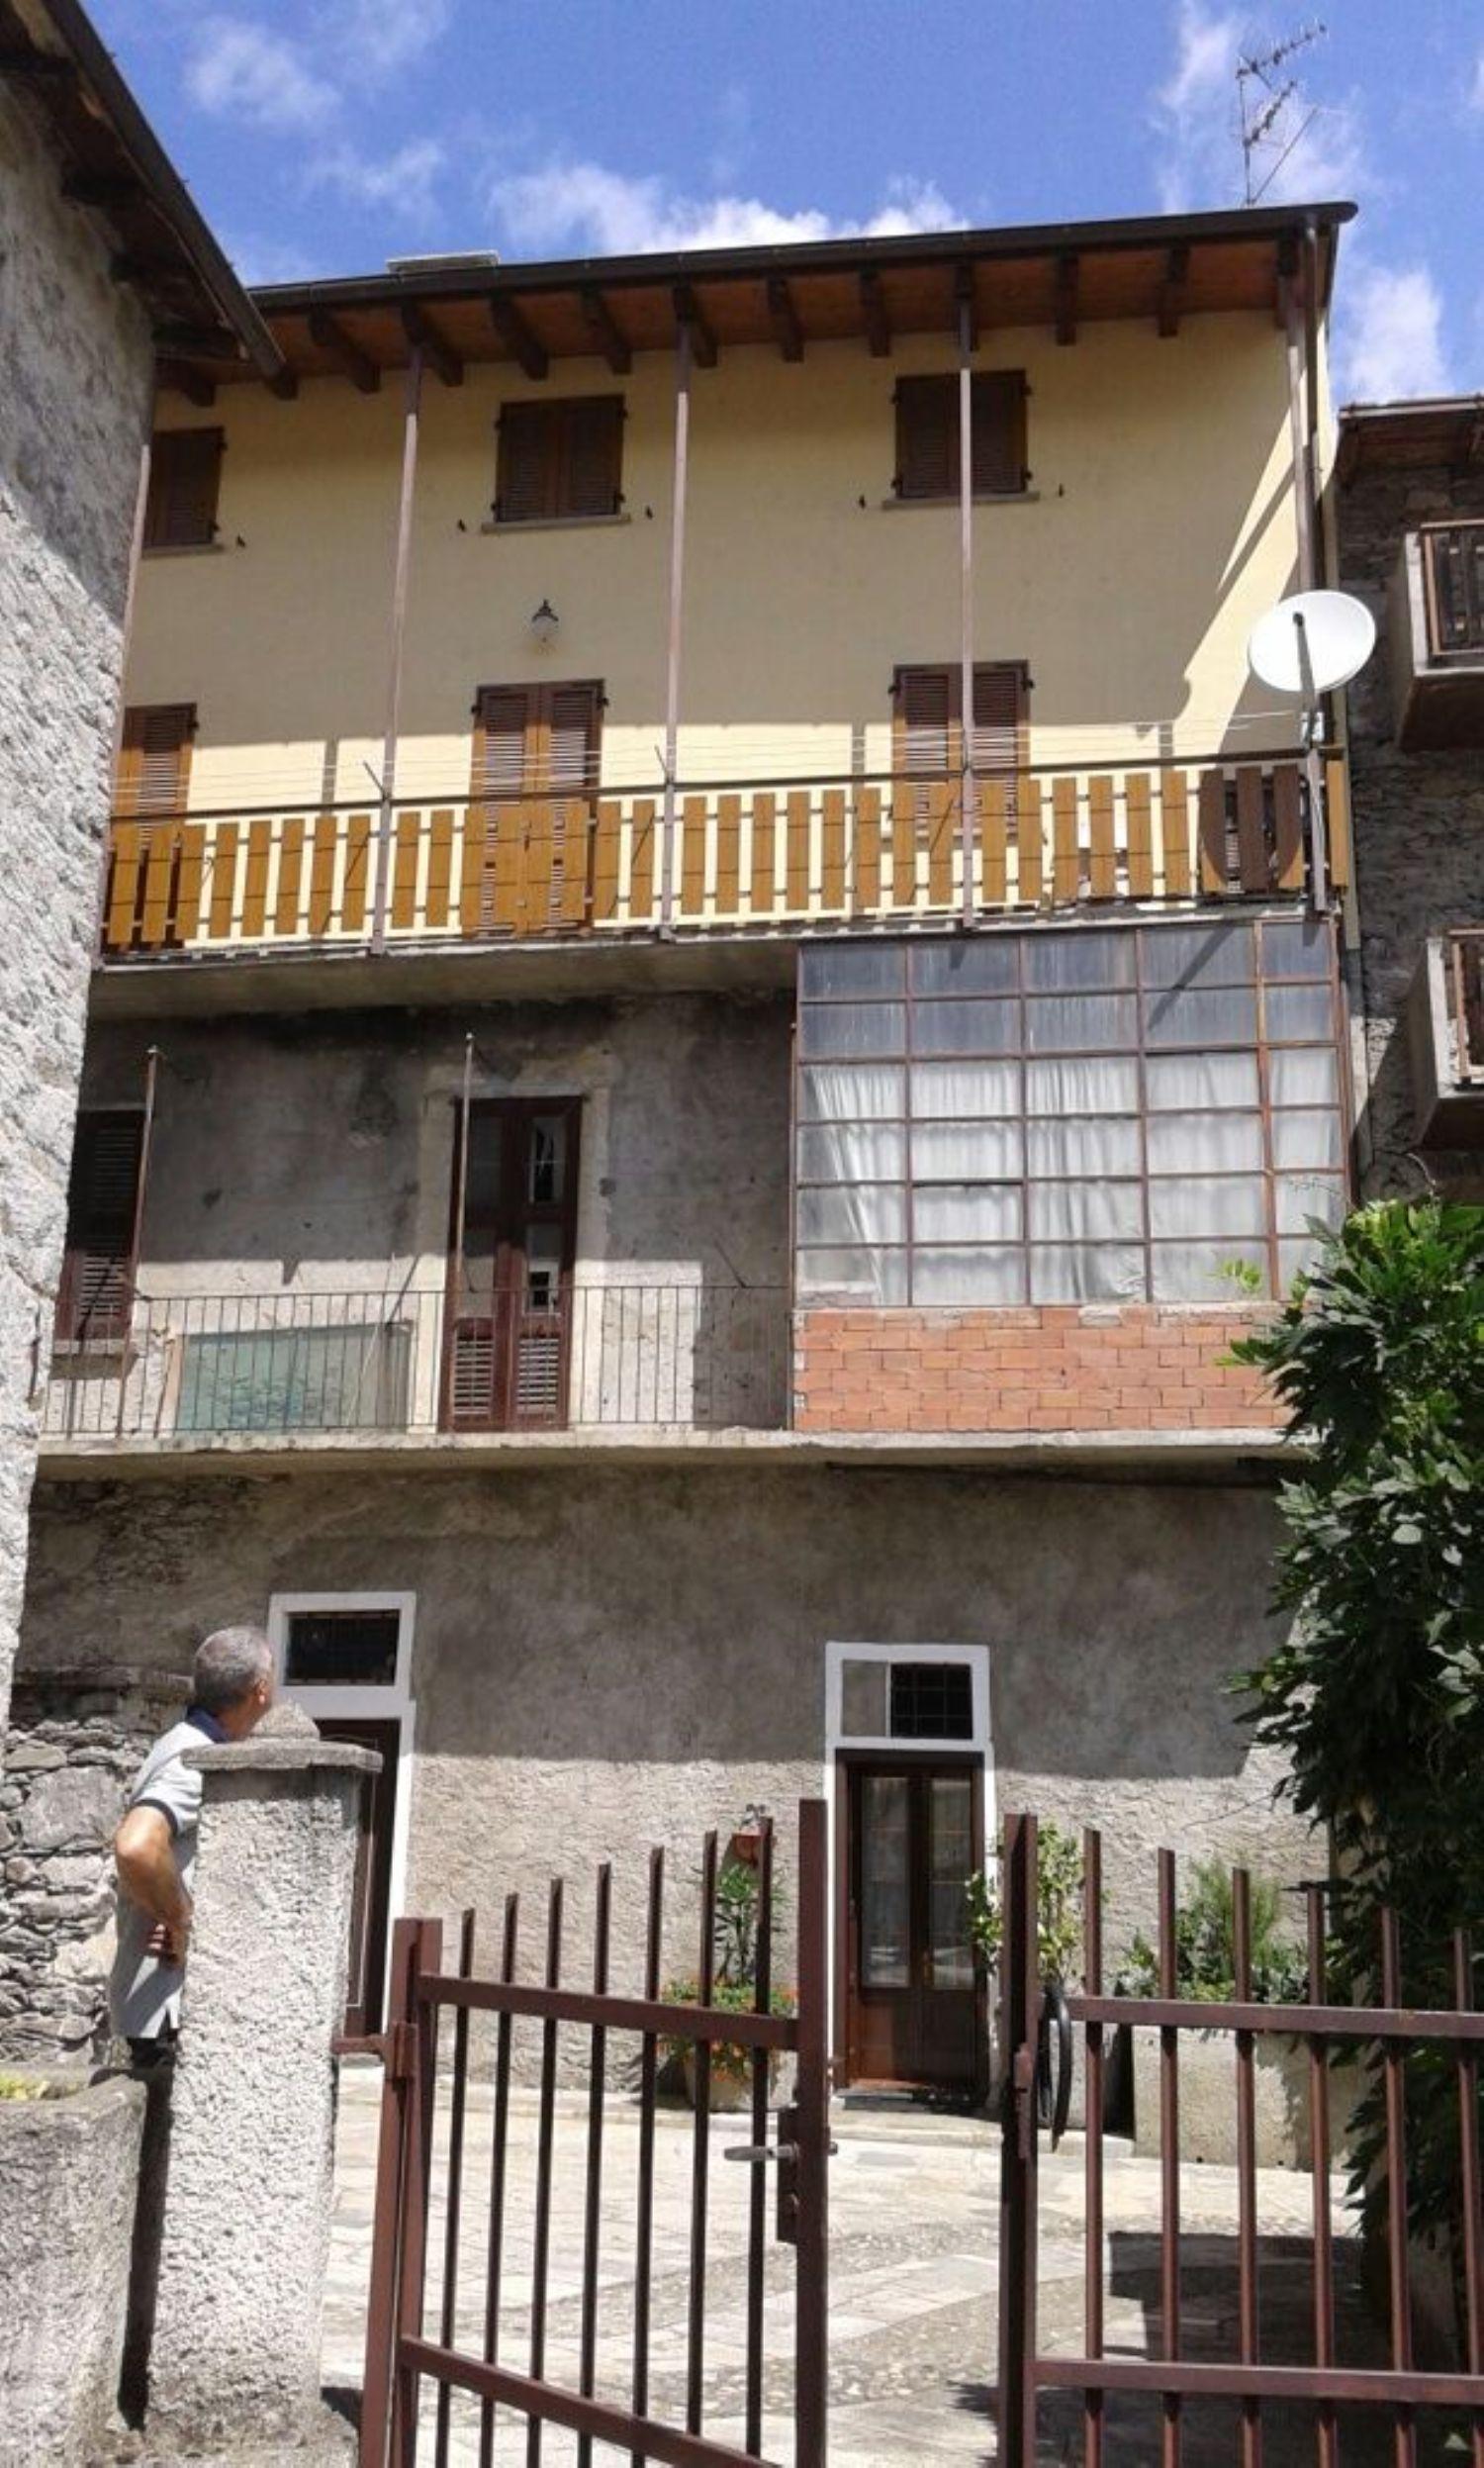 Appartamento in vendita a Tresivio, 3 locali, prezzo € 32.000 | CambioCasa.it